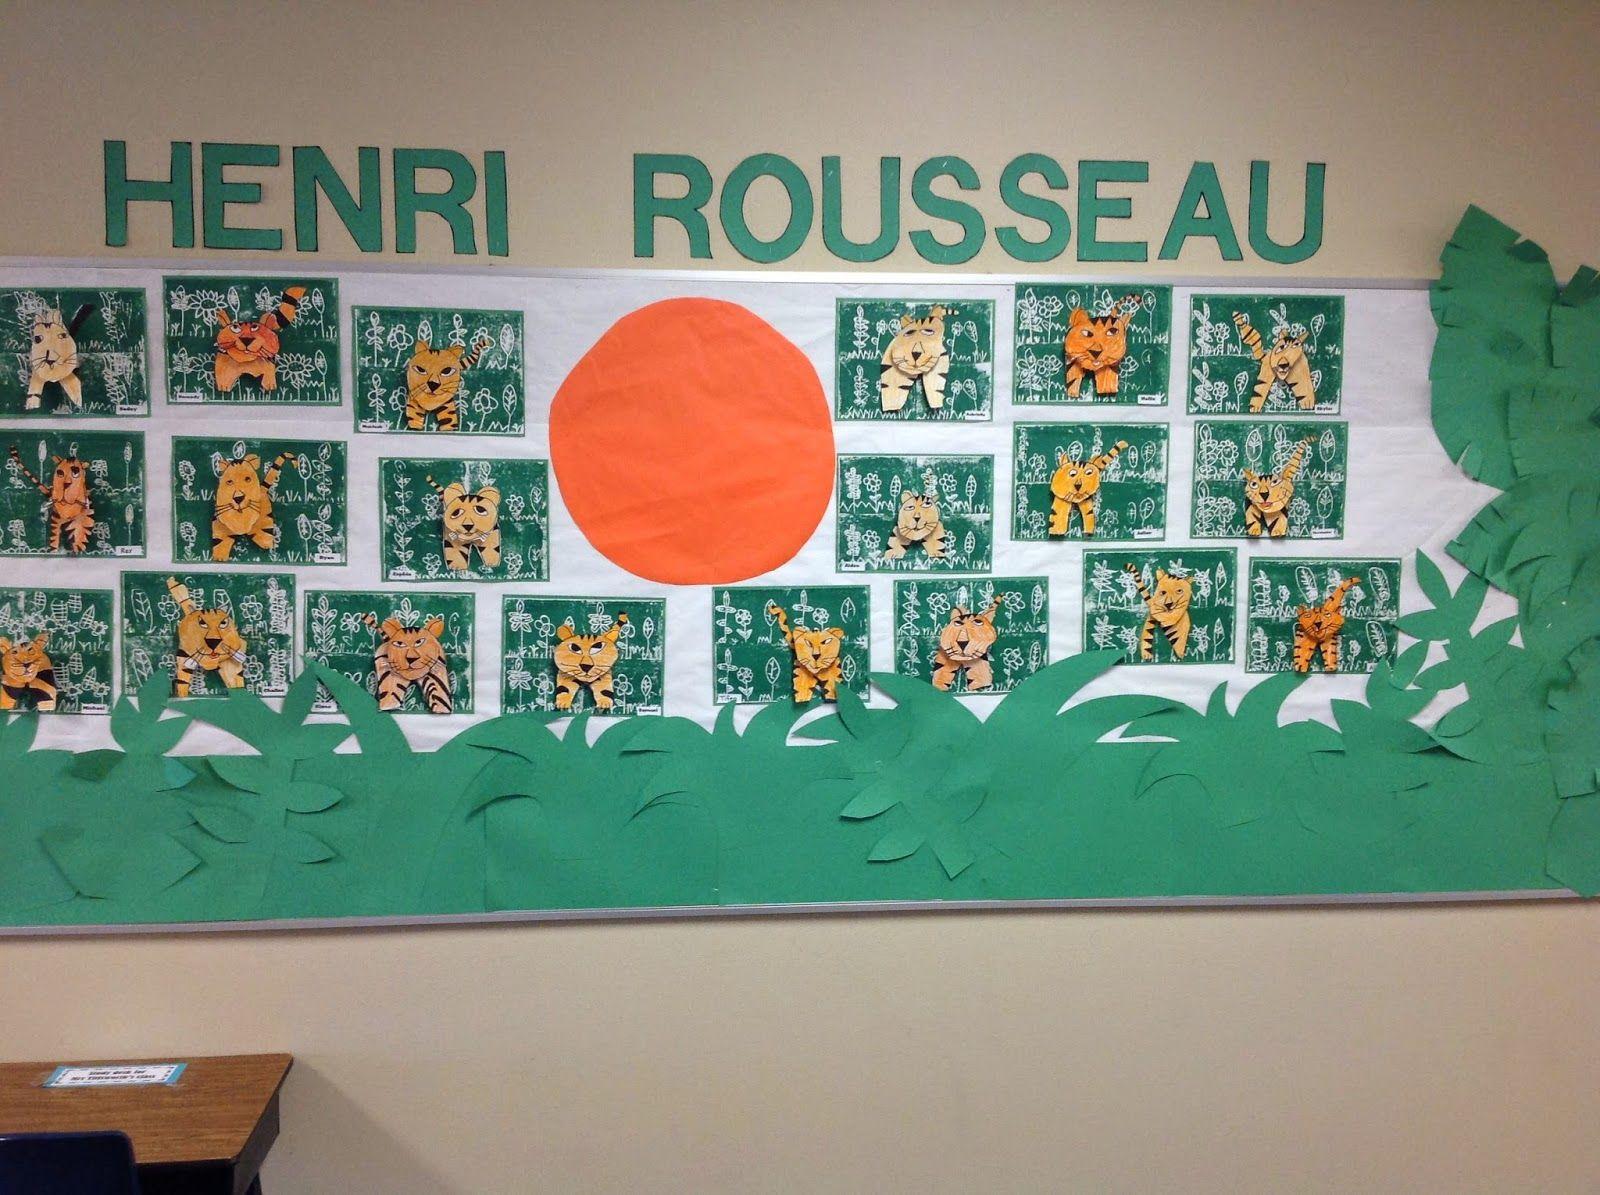 Mrs. T's First Grade Class Henri rousseau, Art lessons